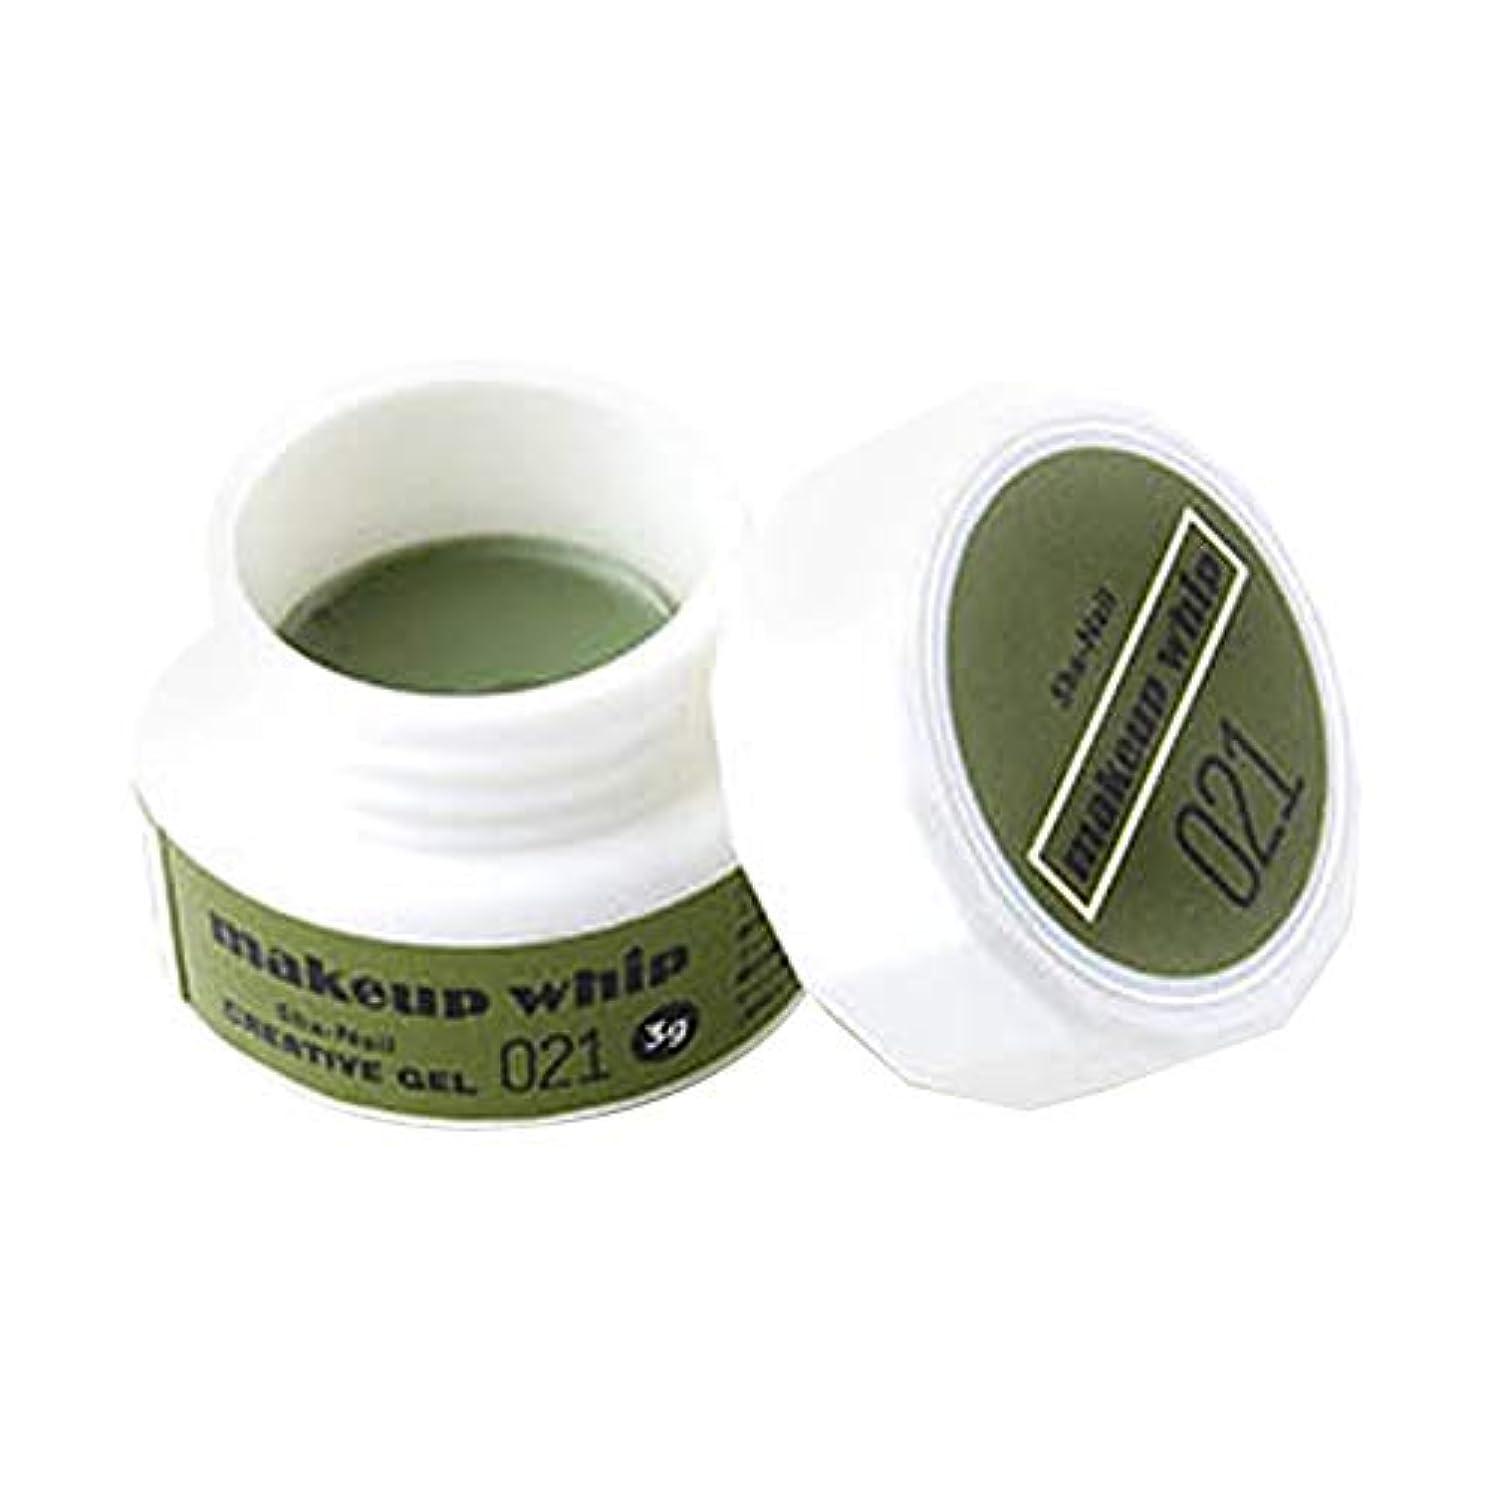 散逸酸度アナロジーSha-Nail Creative Gel カラージェル 021 モス 3g UV/LED対応